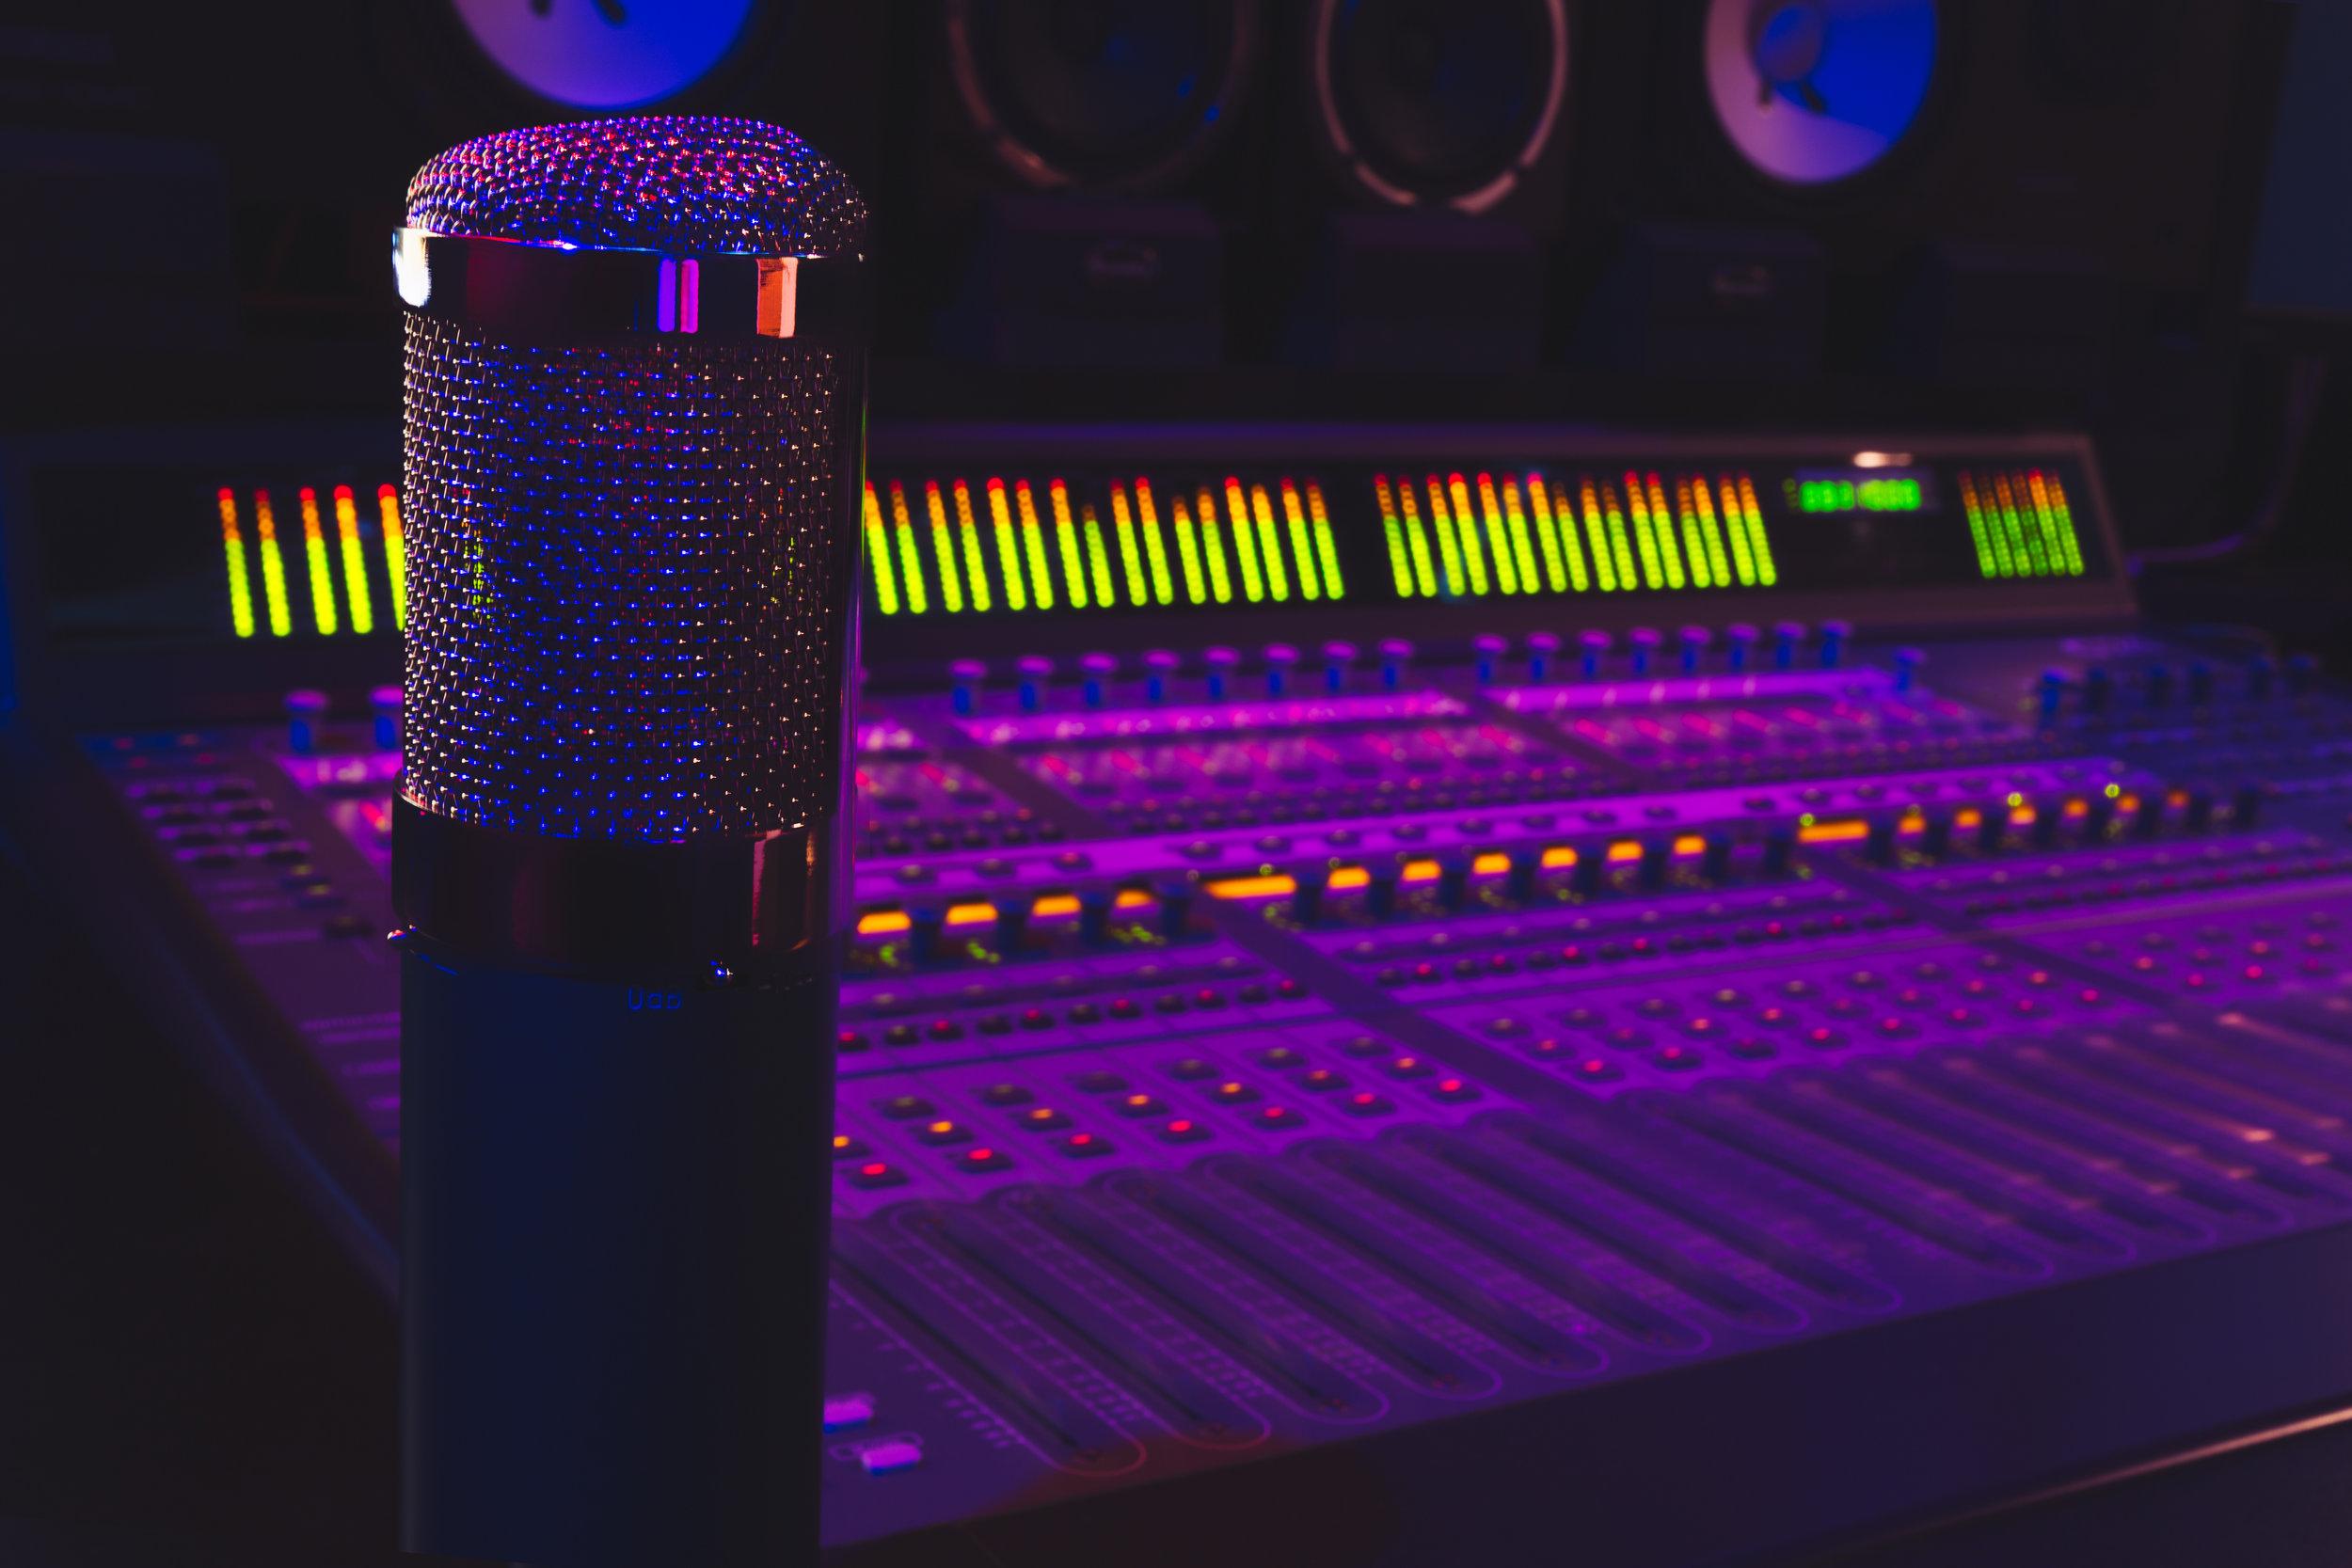 Bmj_recording_studio.jpg